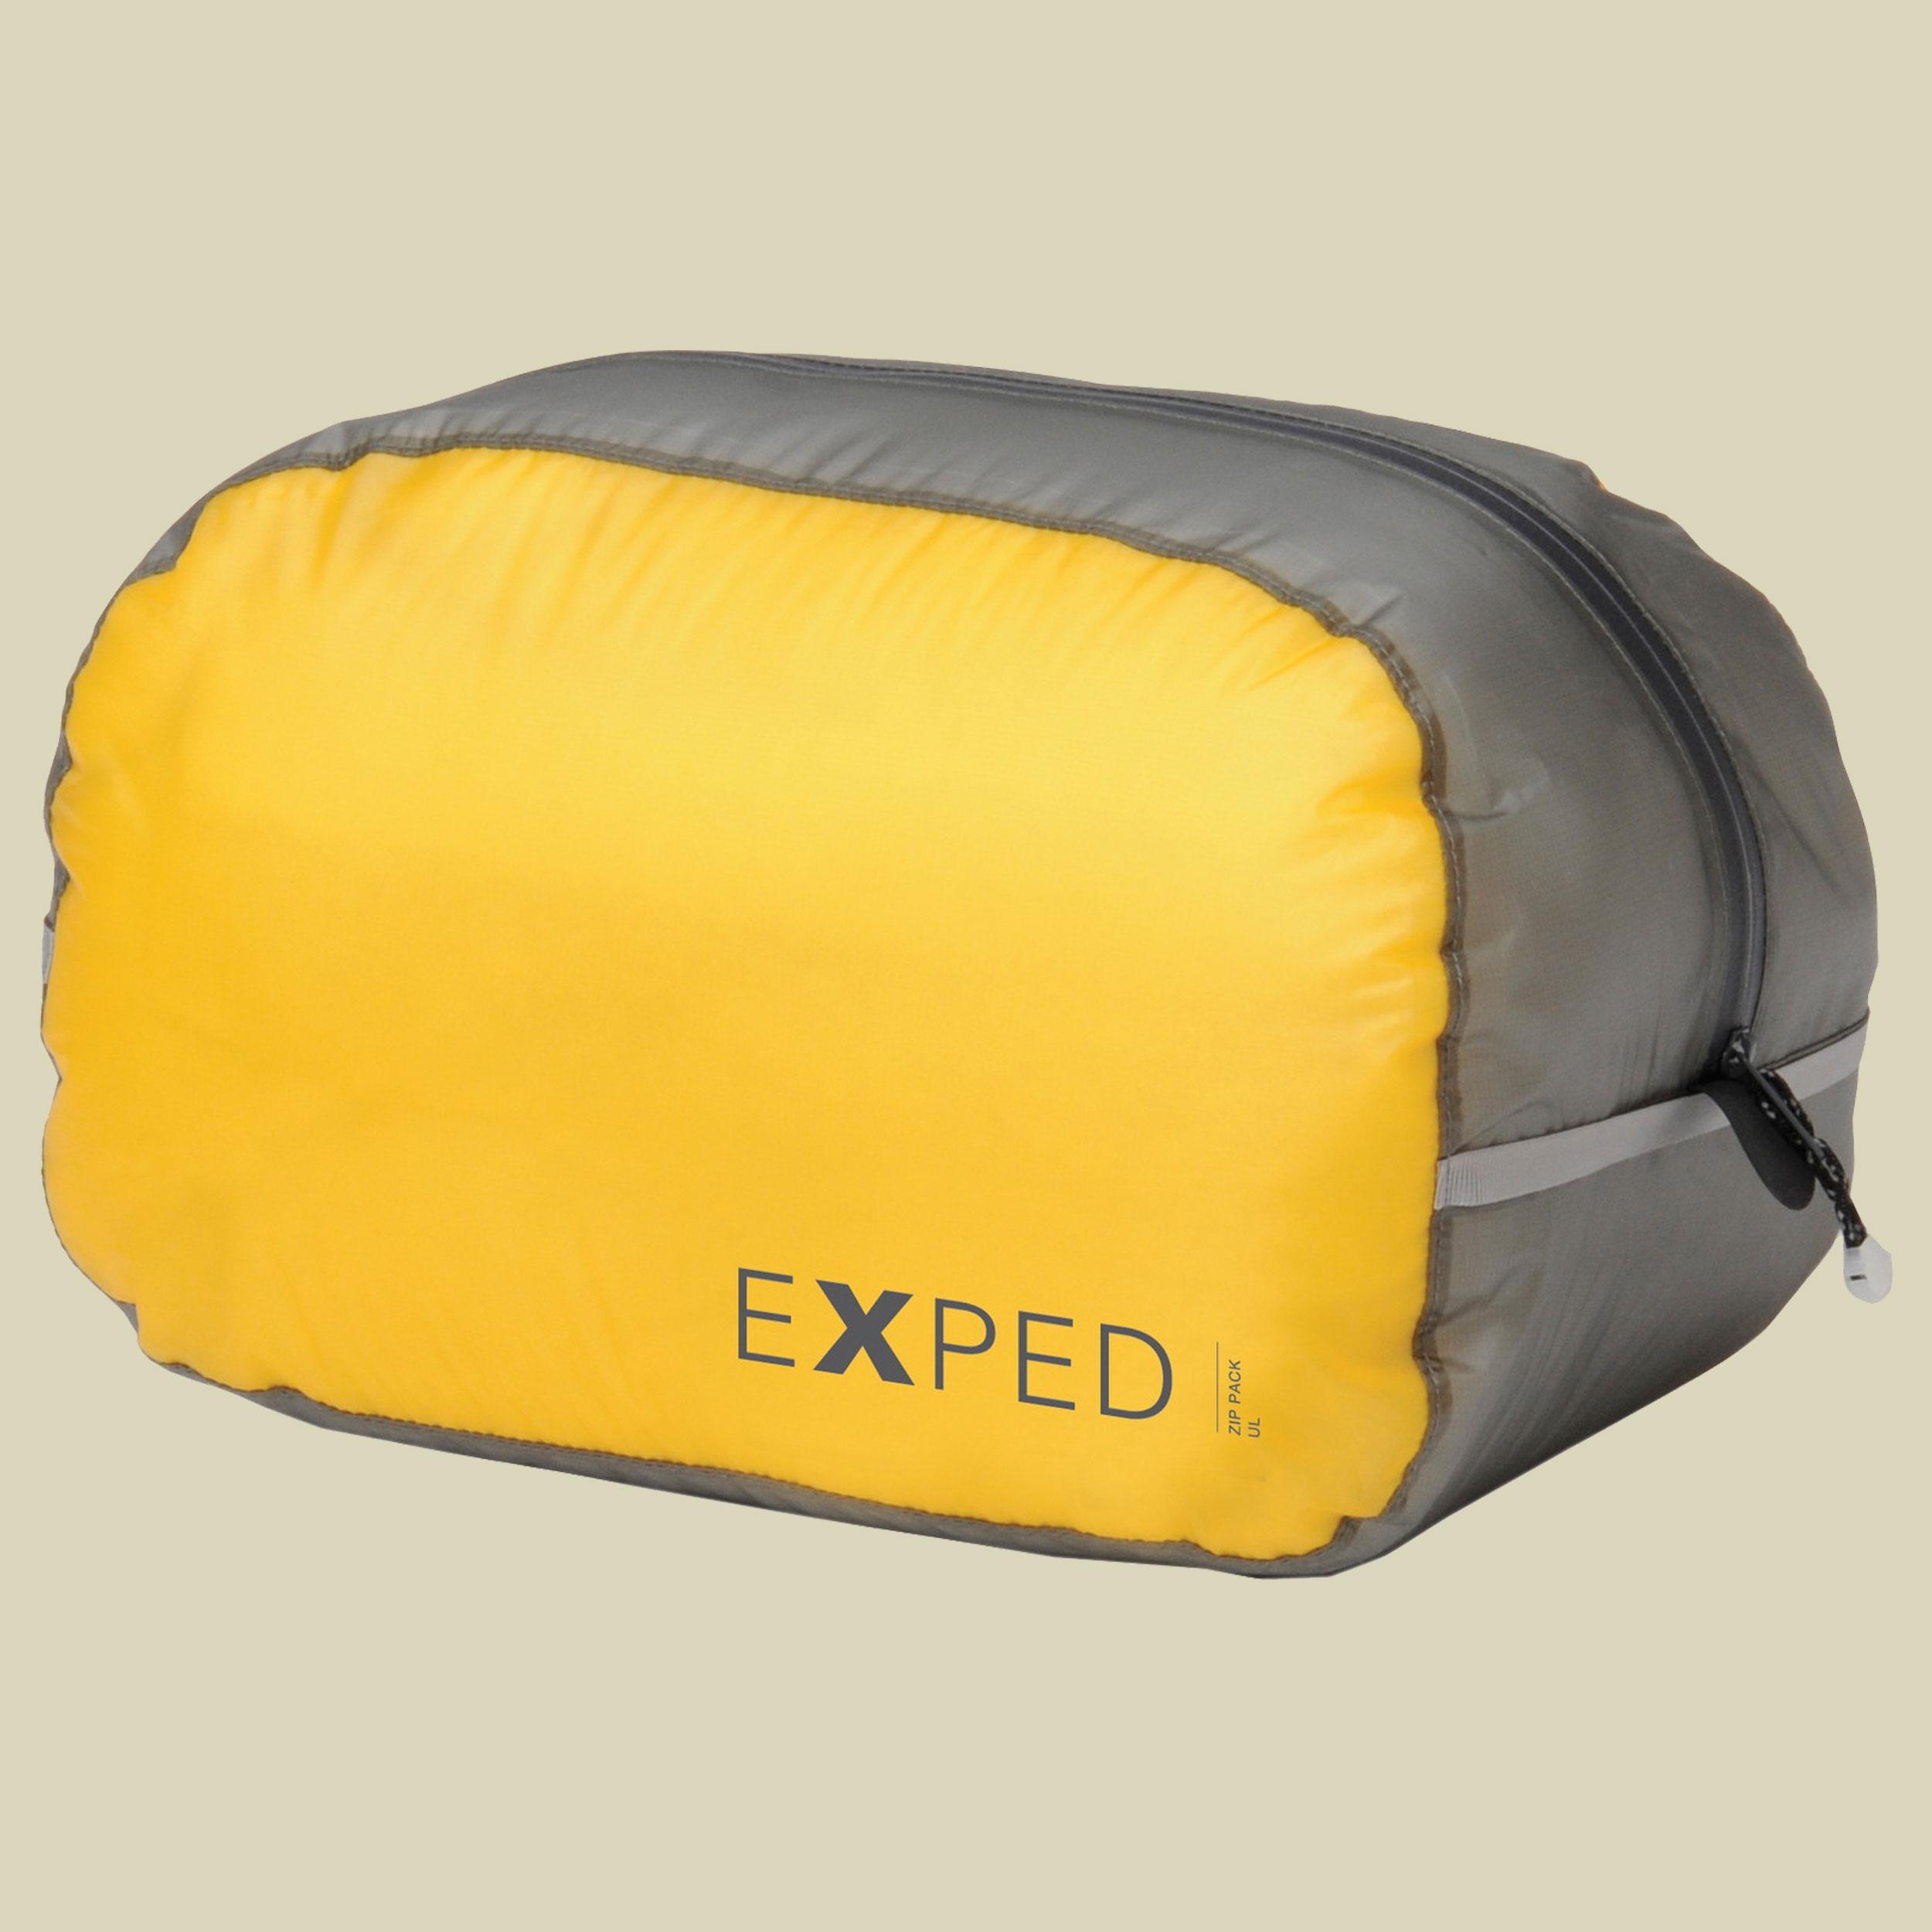 Image of Exped Zip Pack UL-L Reisepacksack Größe 30 x 18 x 16 cm yellow